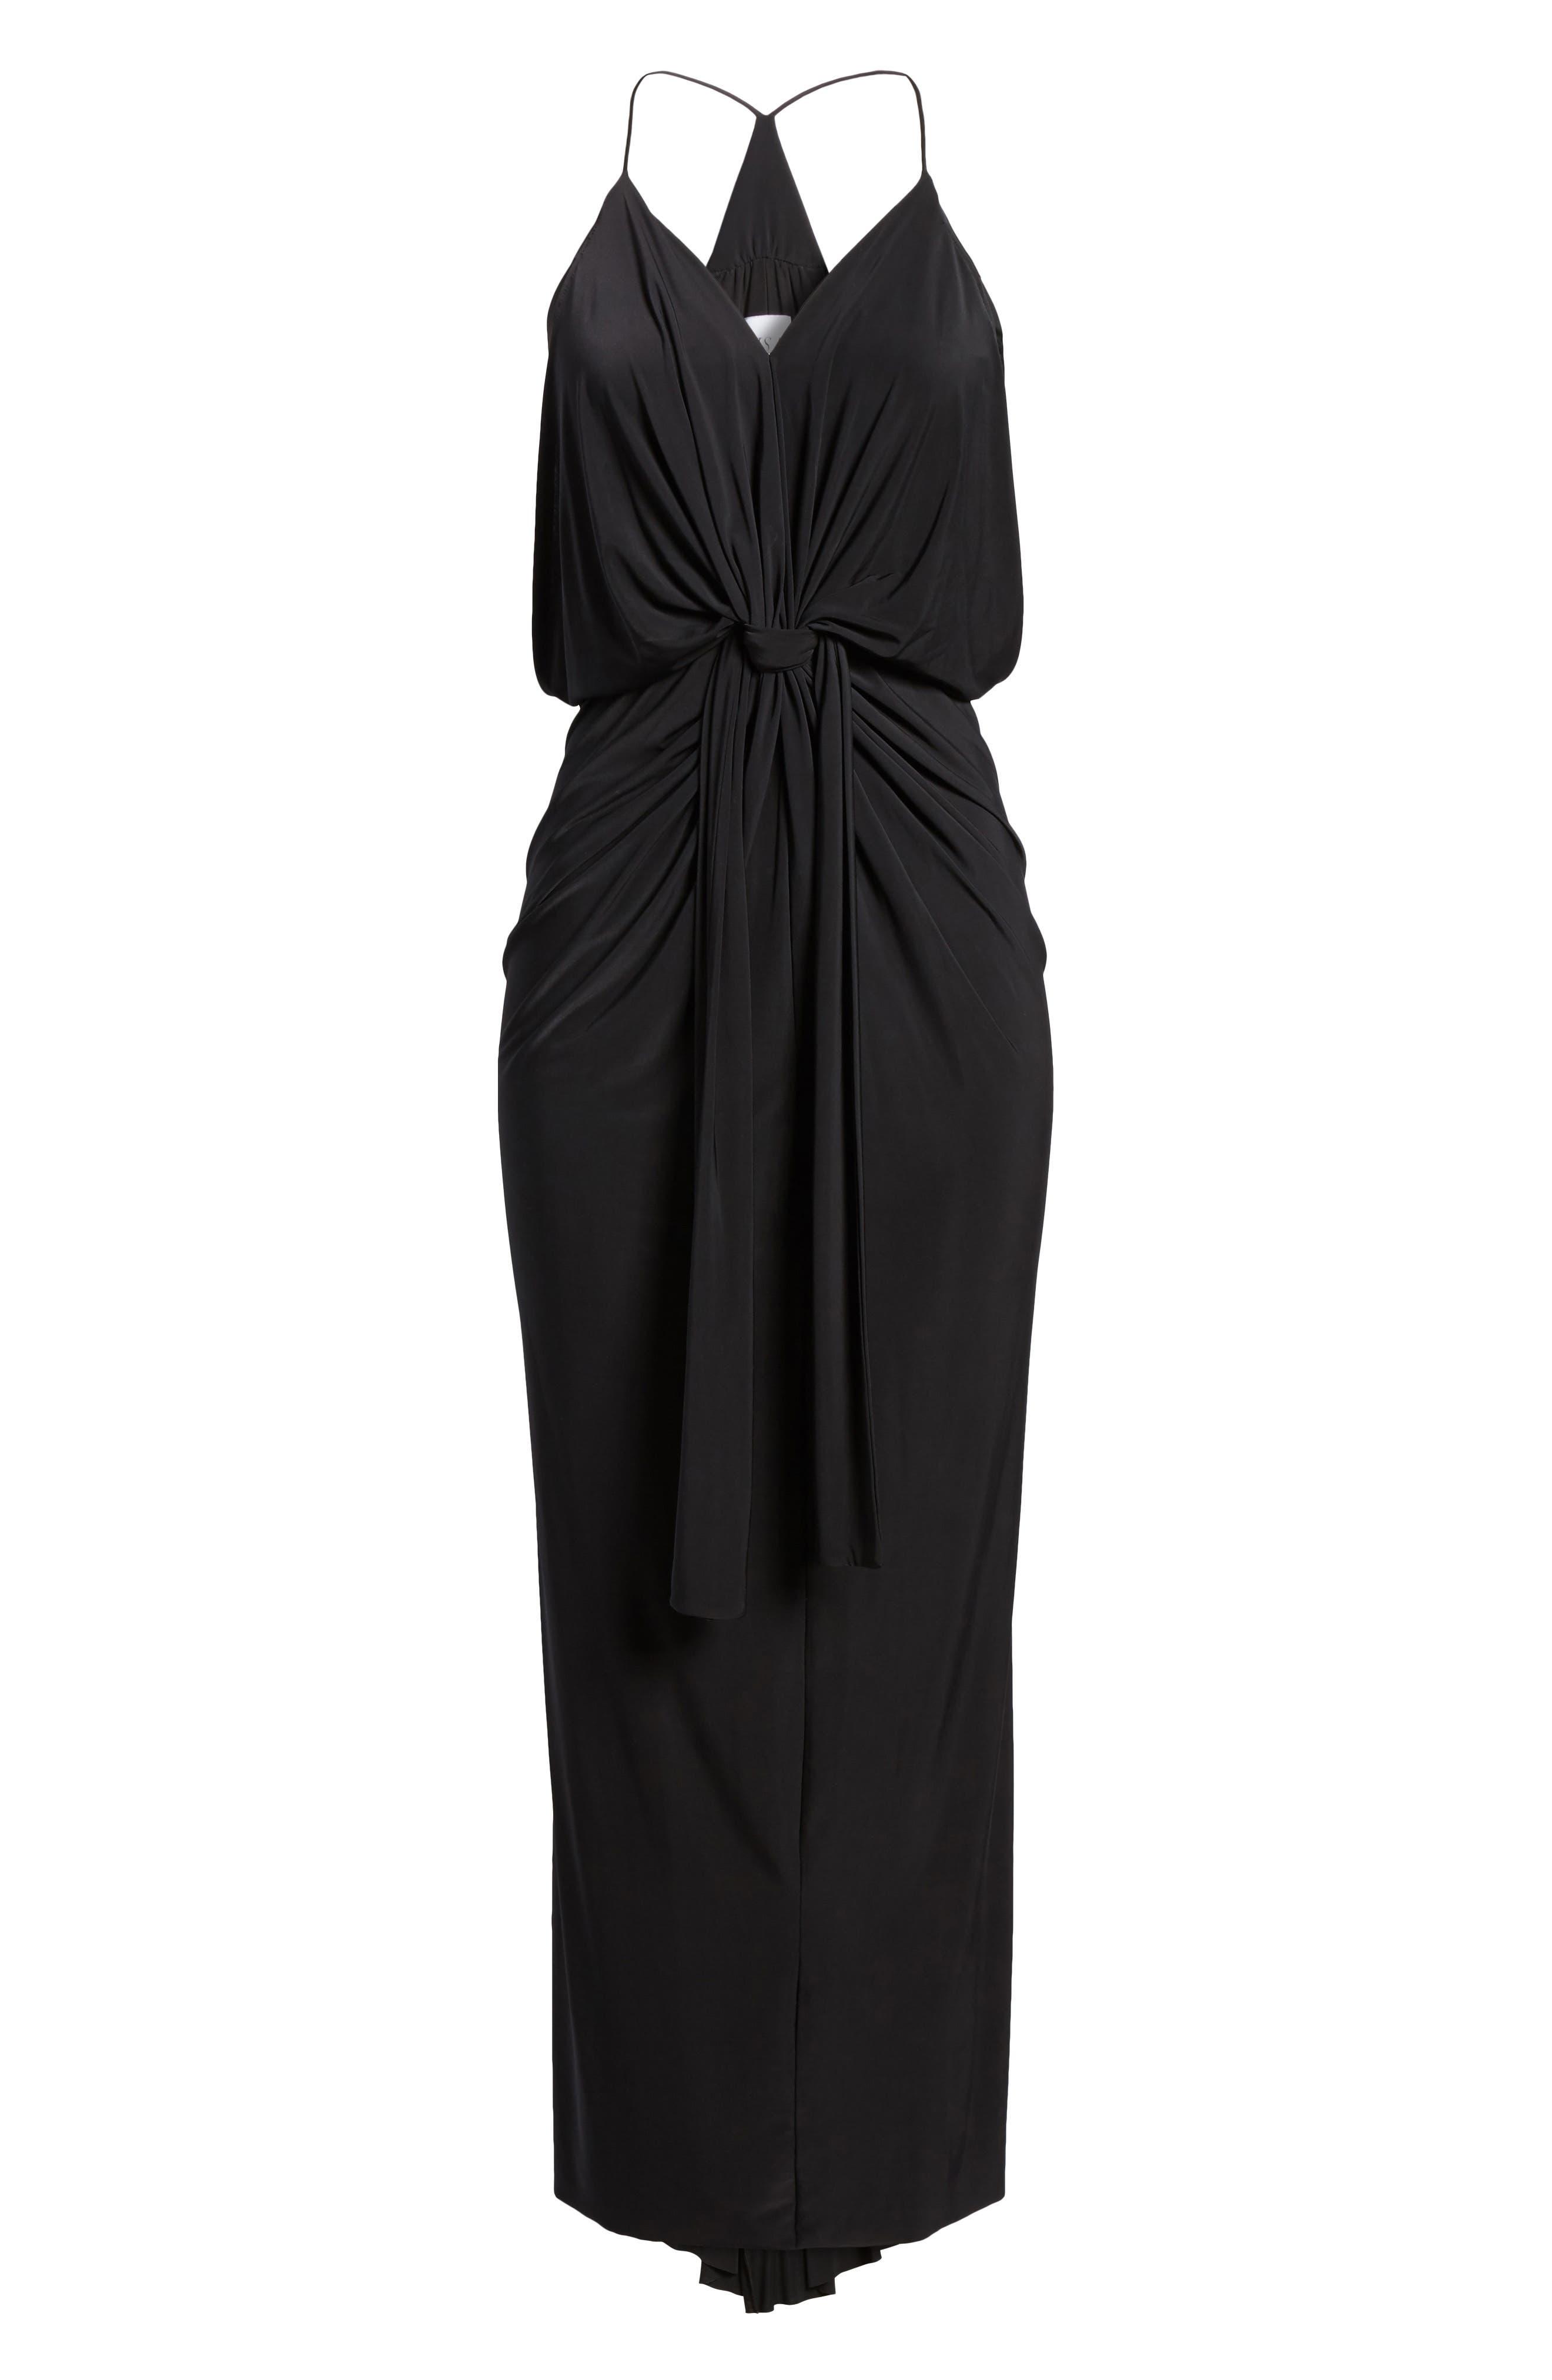 Domino Knot Maxi Dress,                             Alternate thumbnail 6, color,                             Black